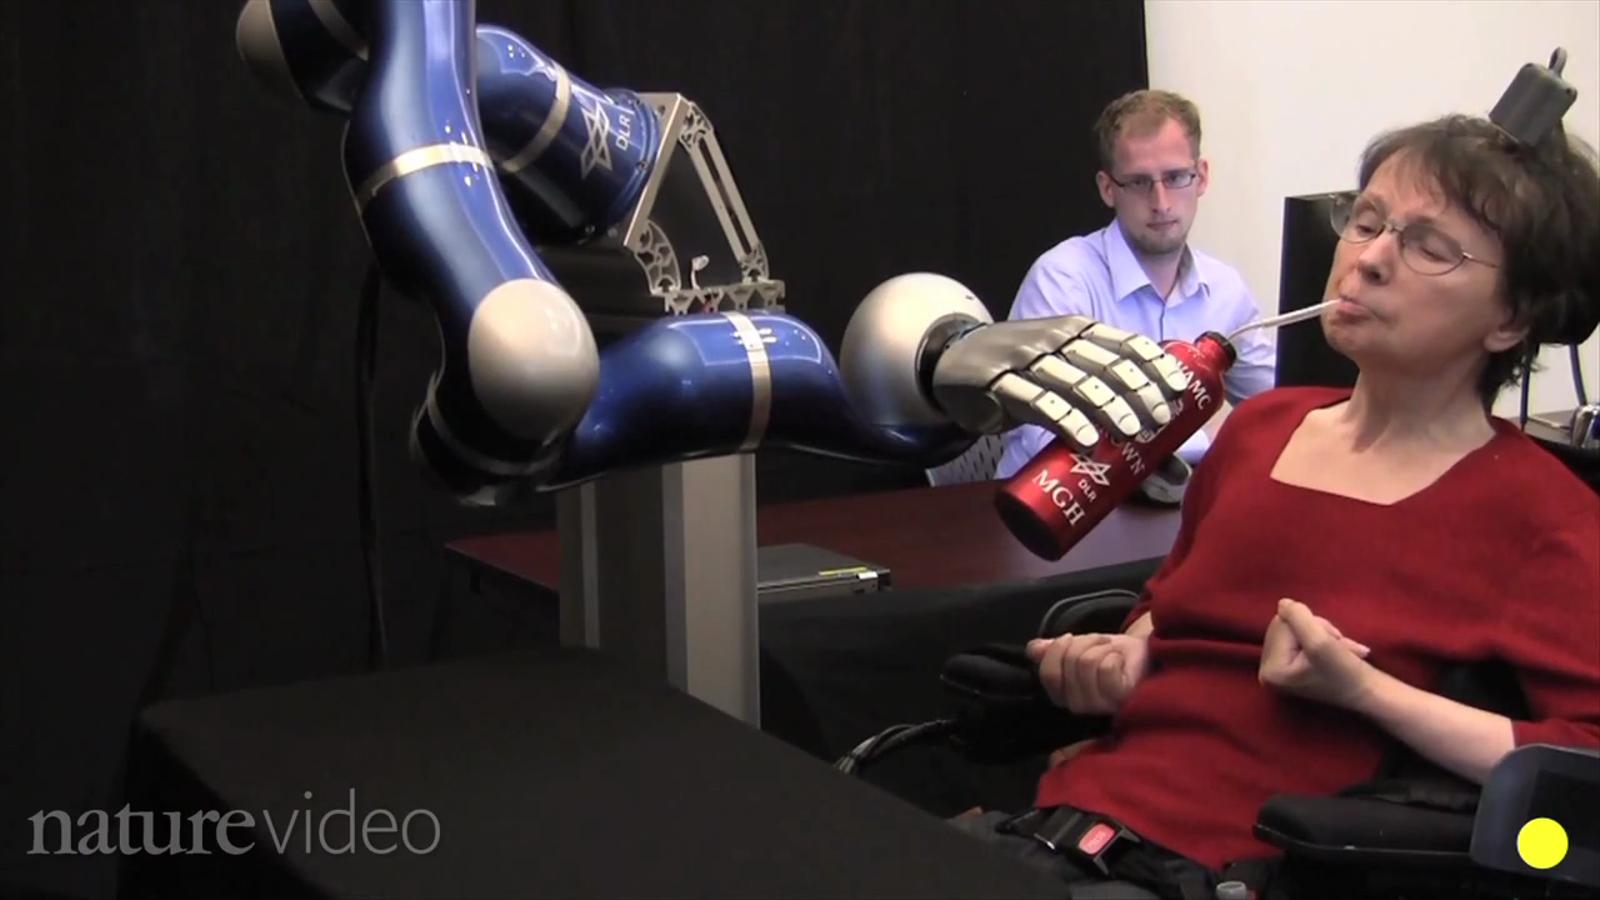 Dos paralítics aconsegueixen controlar un braç robòtic amb la ment